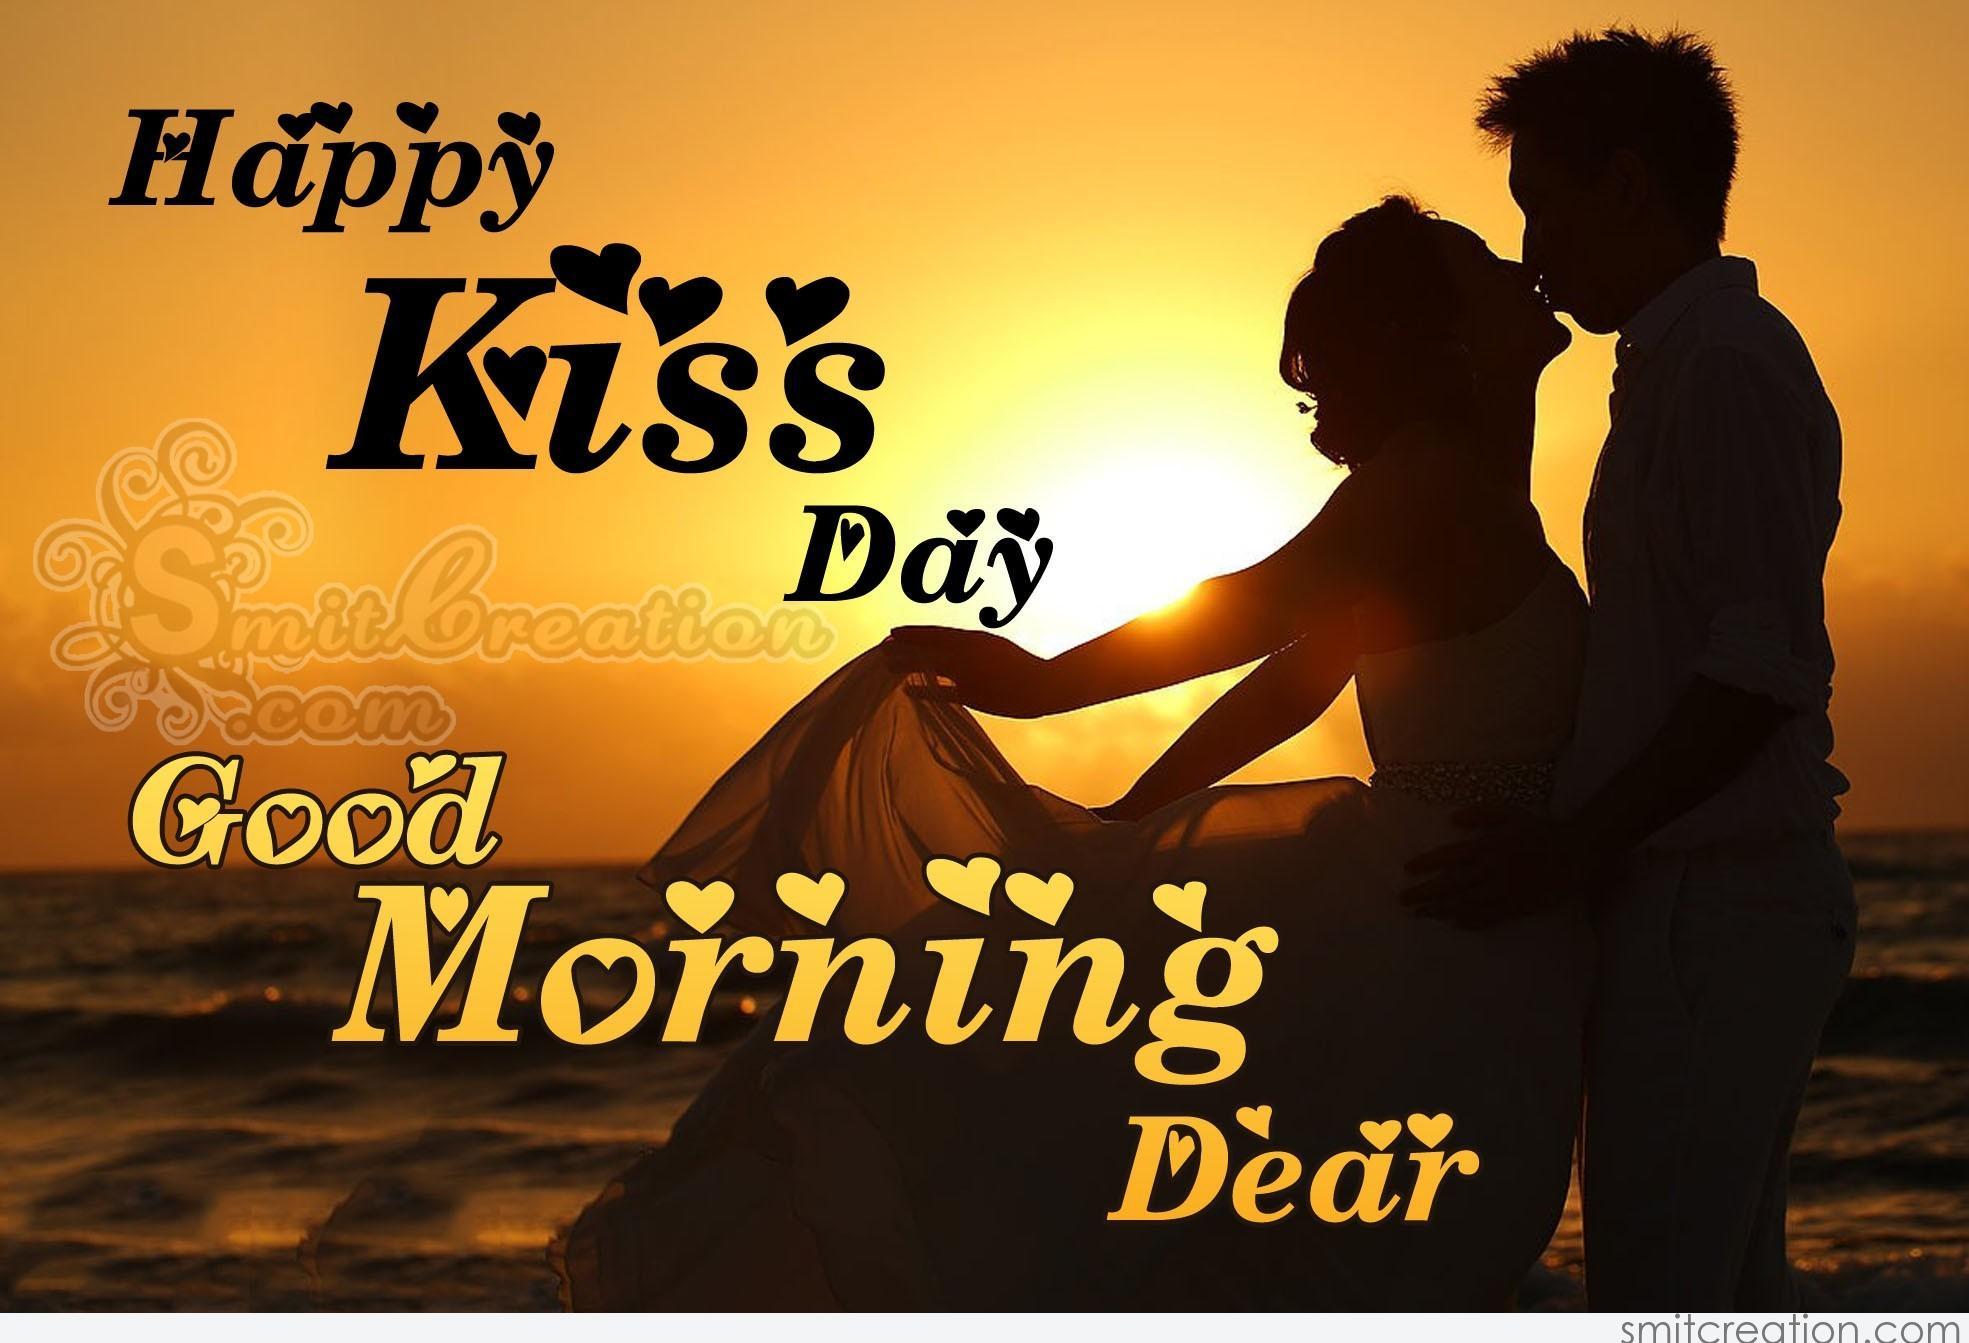 Good Morning Dear Happy Kiss Day - SmitCreation.com